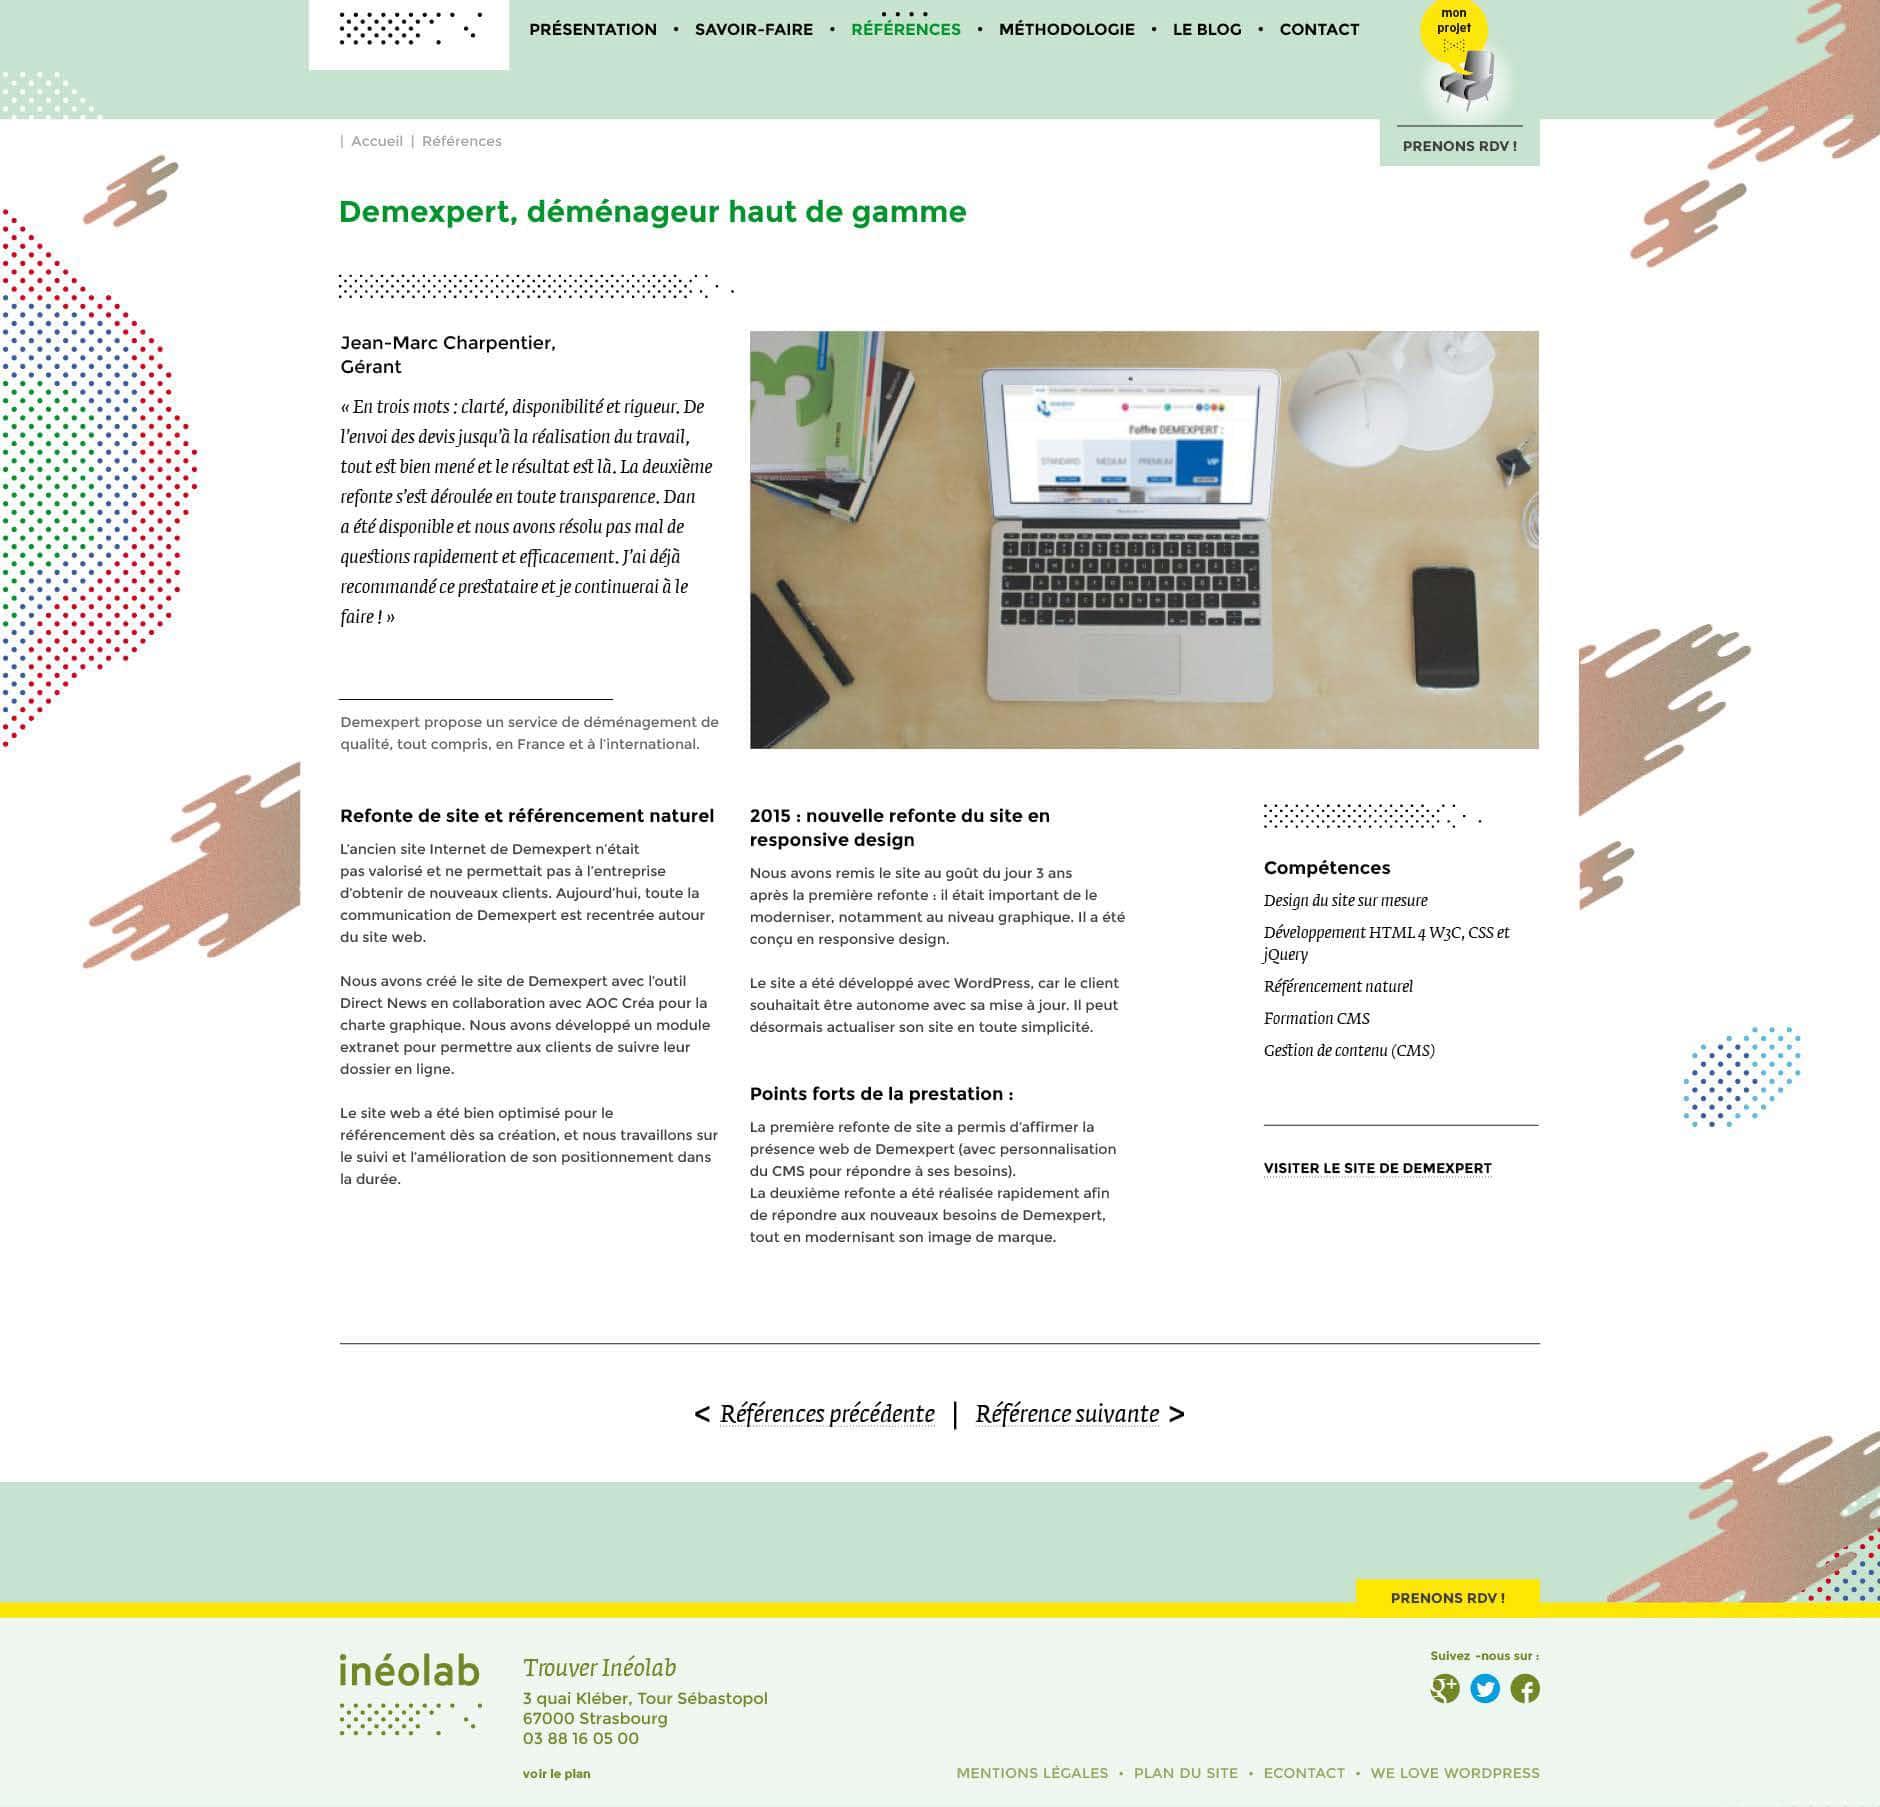 maquette web inéolab 2017